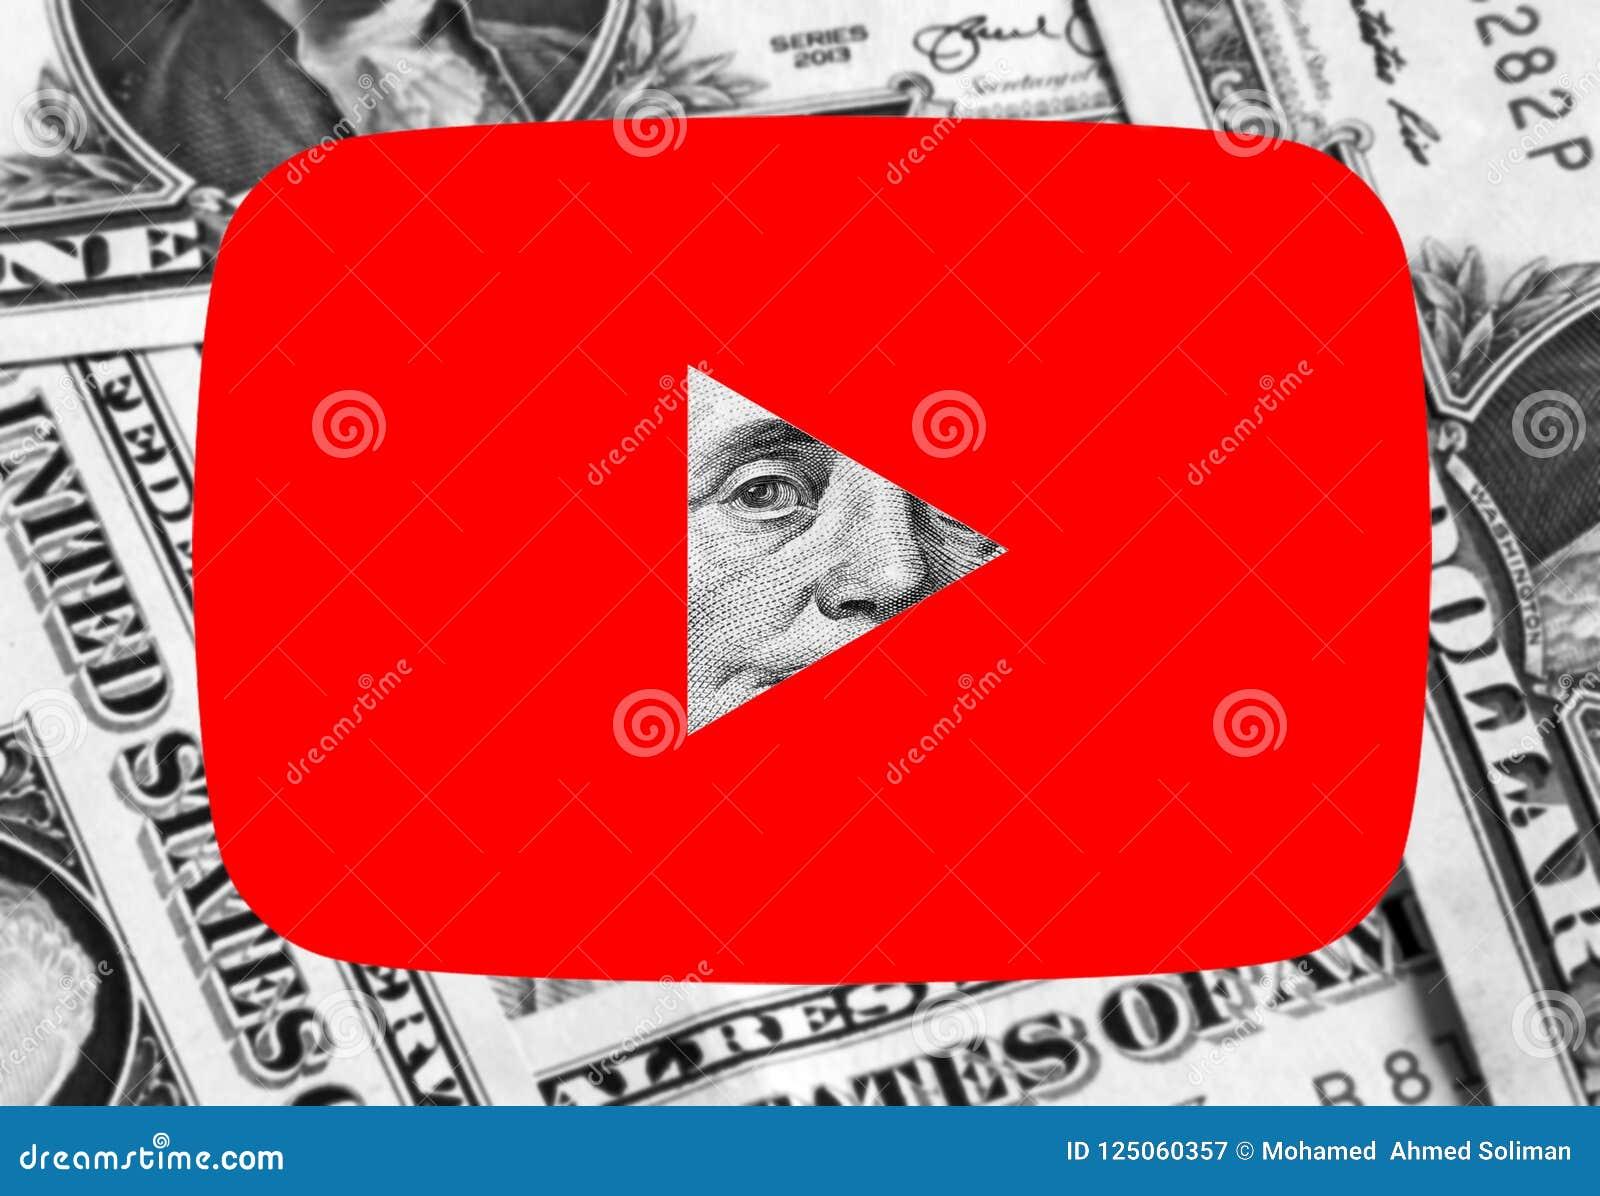 Youtube icon logo money editorial photography  Image of logo